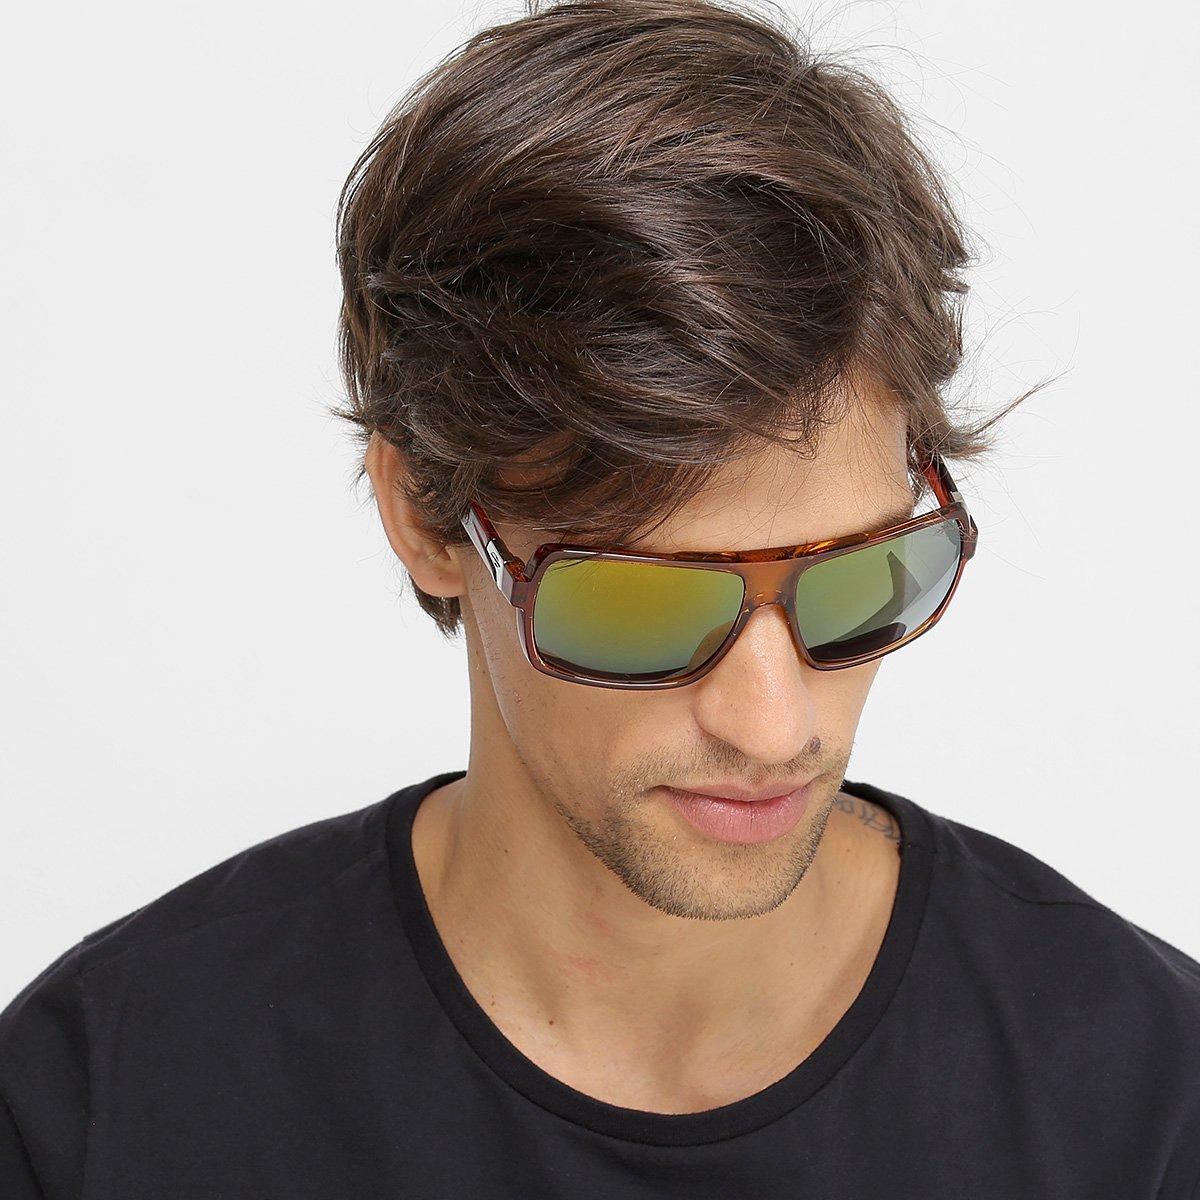 eabd2c090c16f Óculos de Sol Mormaii Prainha 2 Masculino - Compre Agora   Netshoes